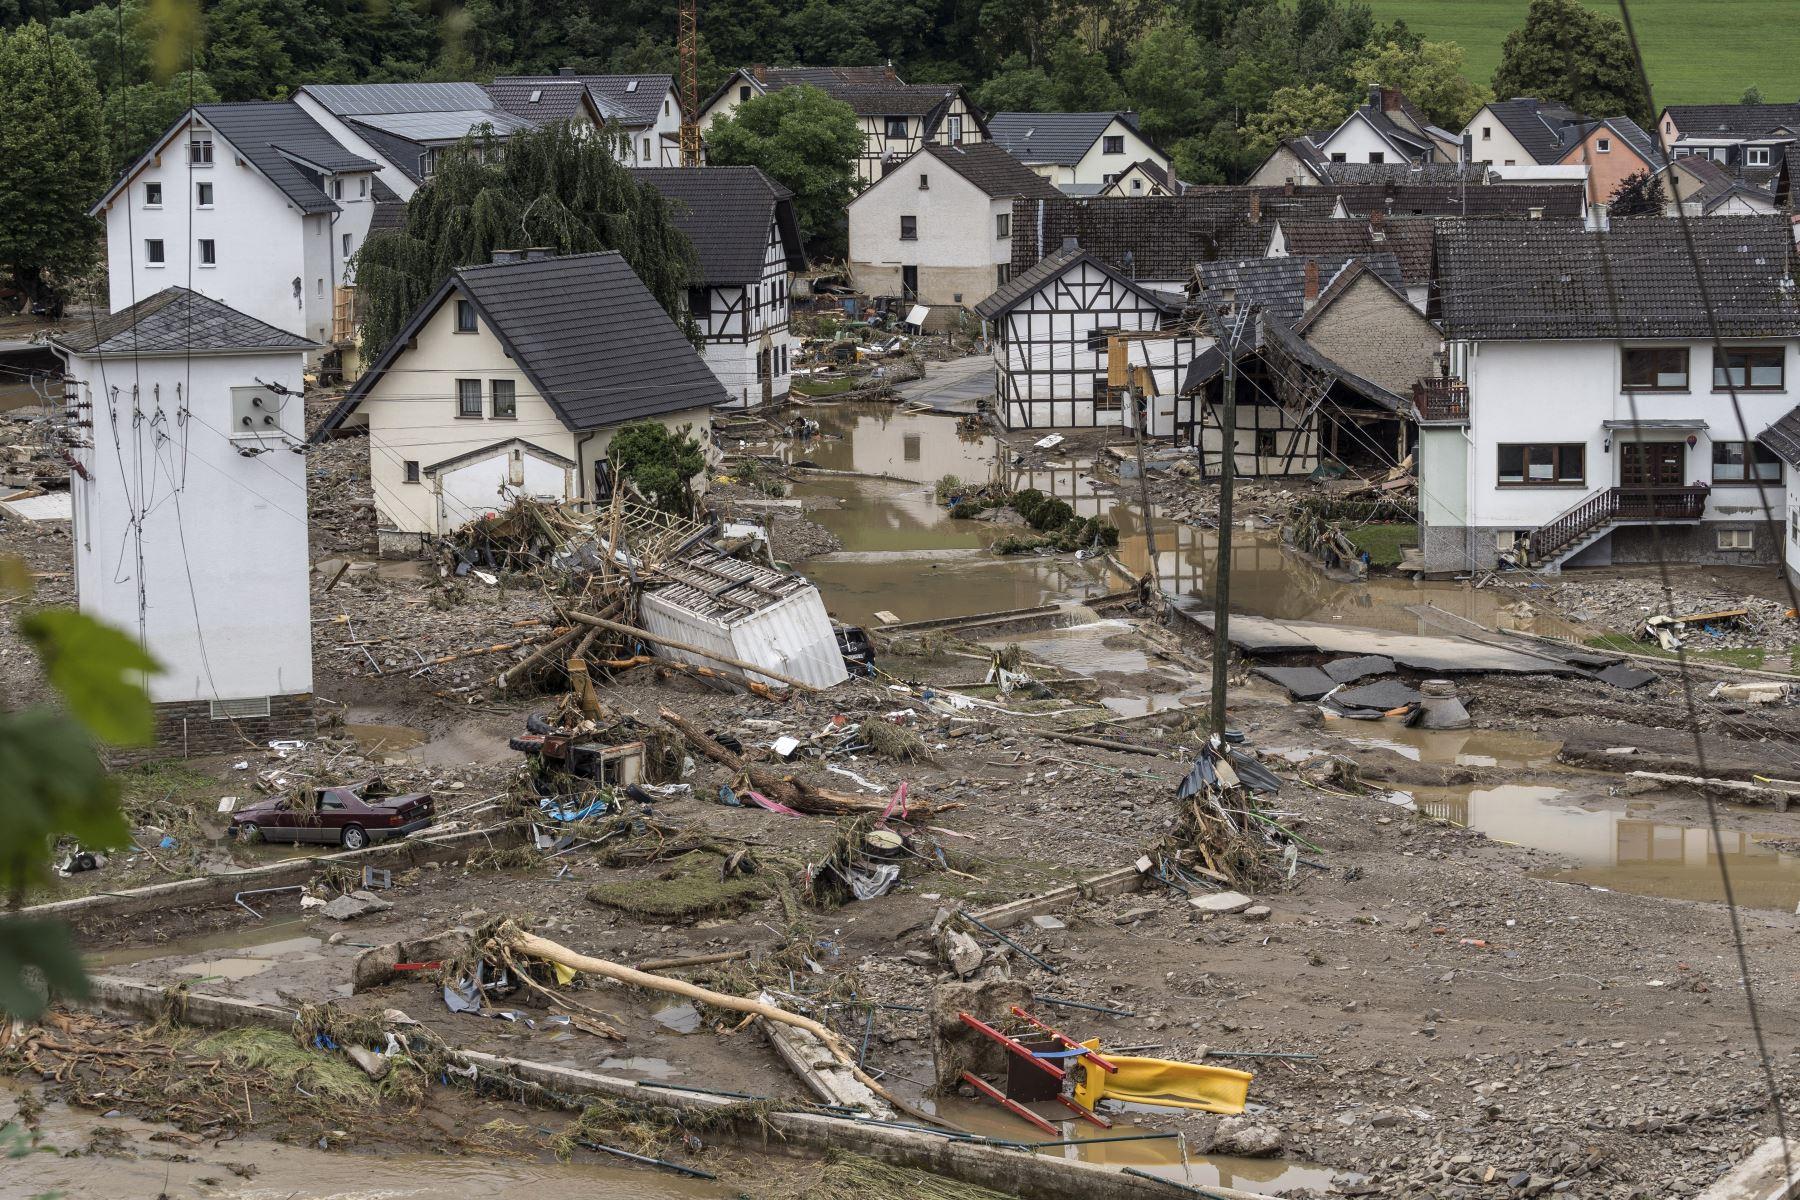 Alemania registra al menos 103 muertos y busca a desaparecidos en catástrofe